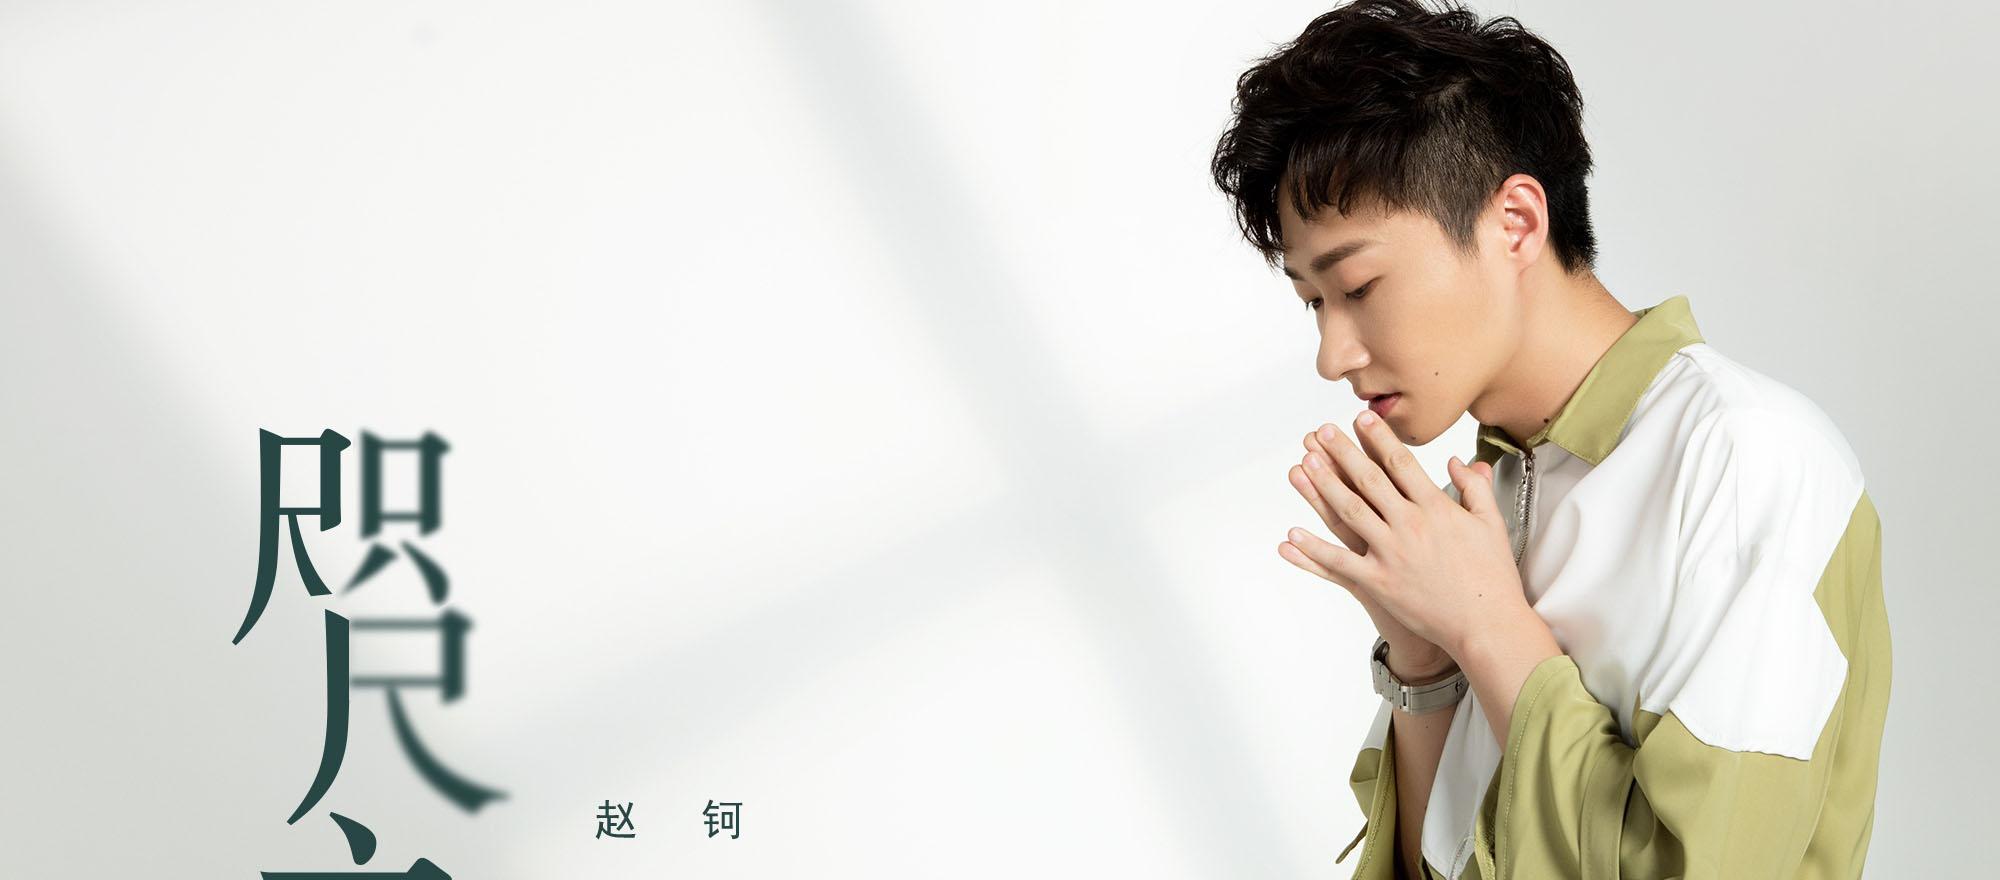 好声音赵钶全新创作单曲《咫尺之间》正式发布